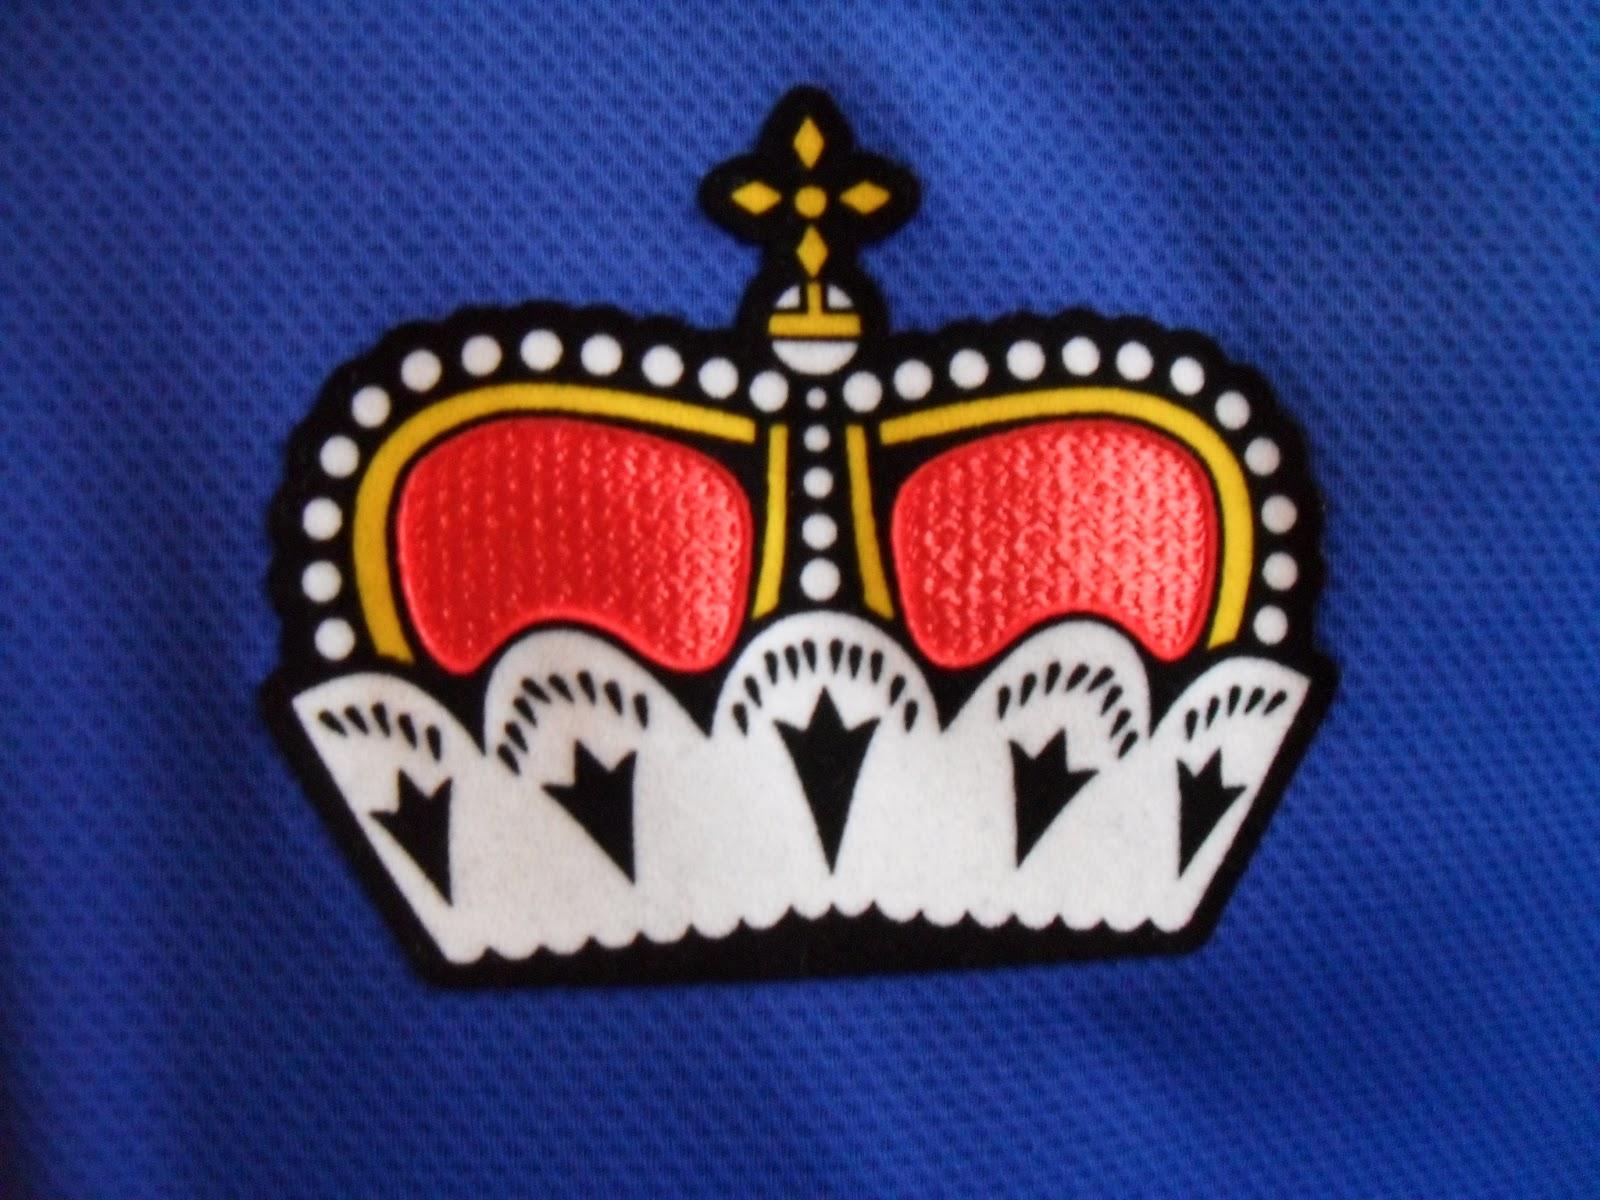 http://4.bp.blogspot.com/-7PQpJSM7mBE/T2J6jeSfNjI/AAAAAAAAAsE/HDpzoAJJ6Yk/s1600/liechtenstein+adidas+footbal+shirt+maillot+2010+frick.JPG